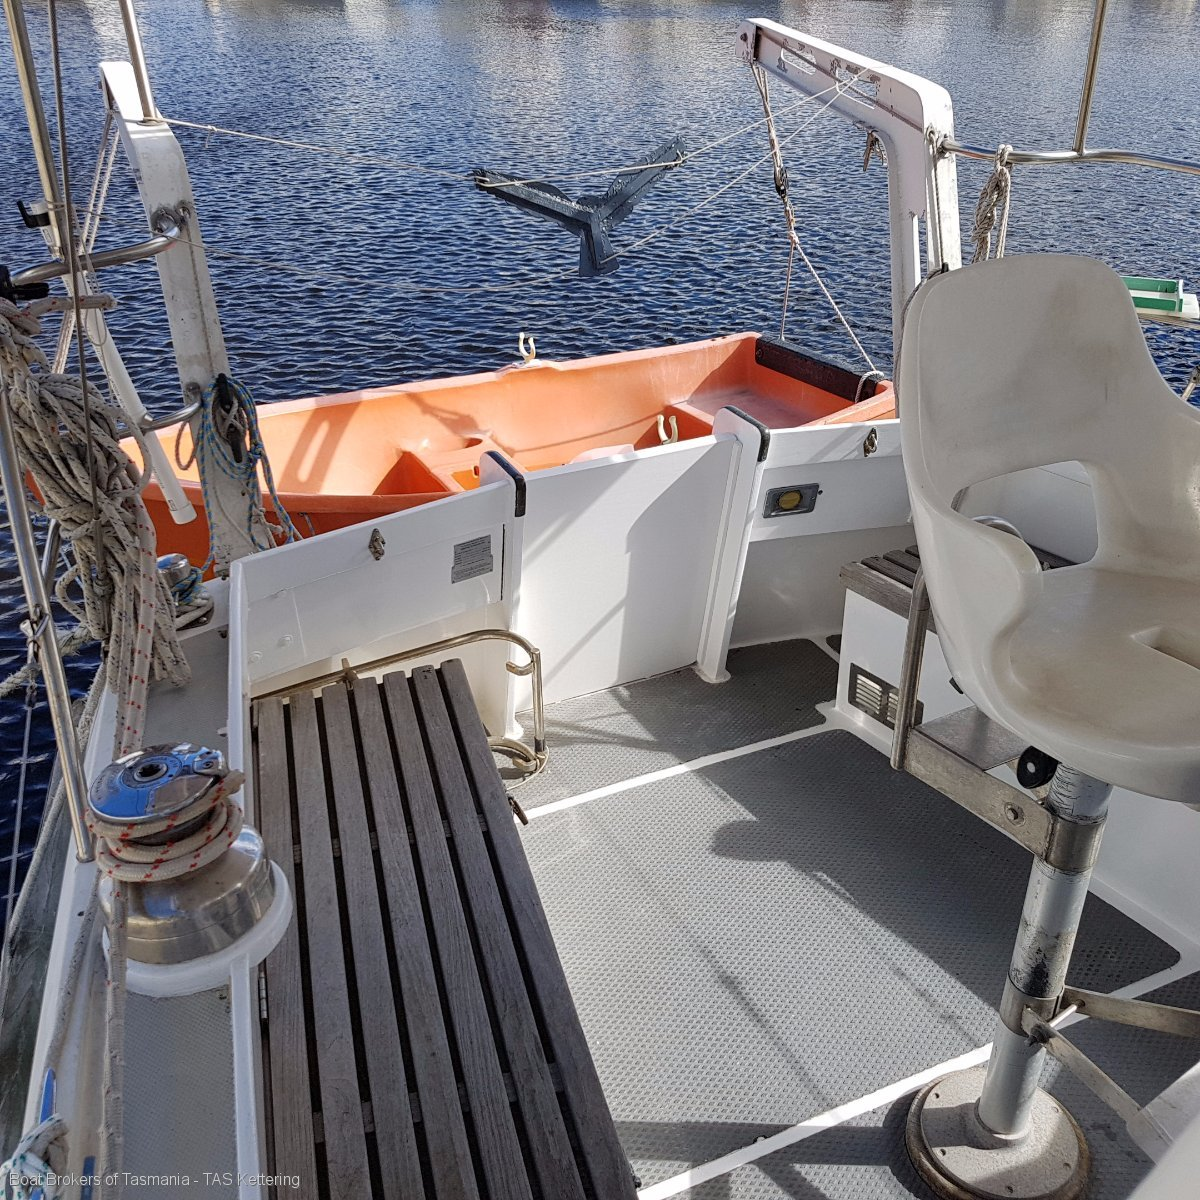 La Valette Halvorsen HMG 31 all fibreglass cruising Motor Sailer. Boat Brokers of Tasmania